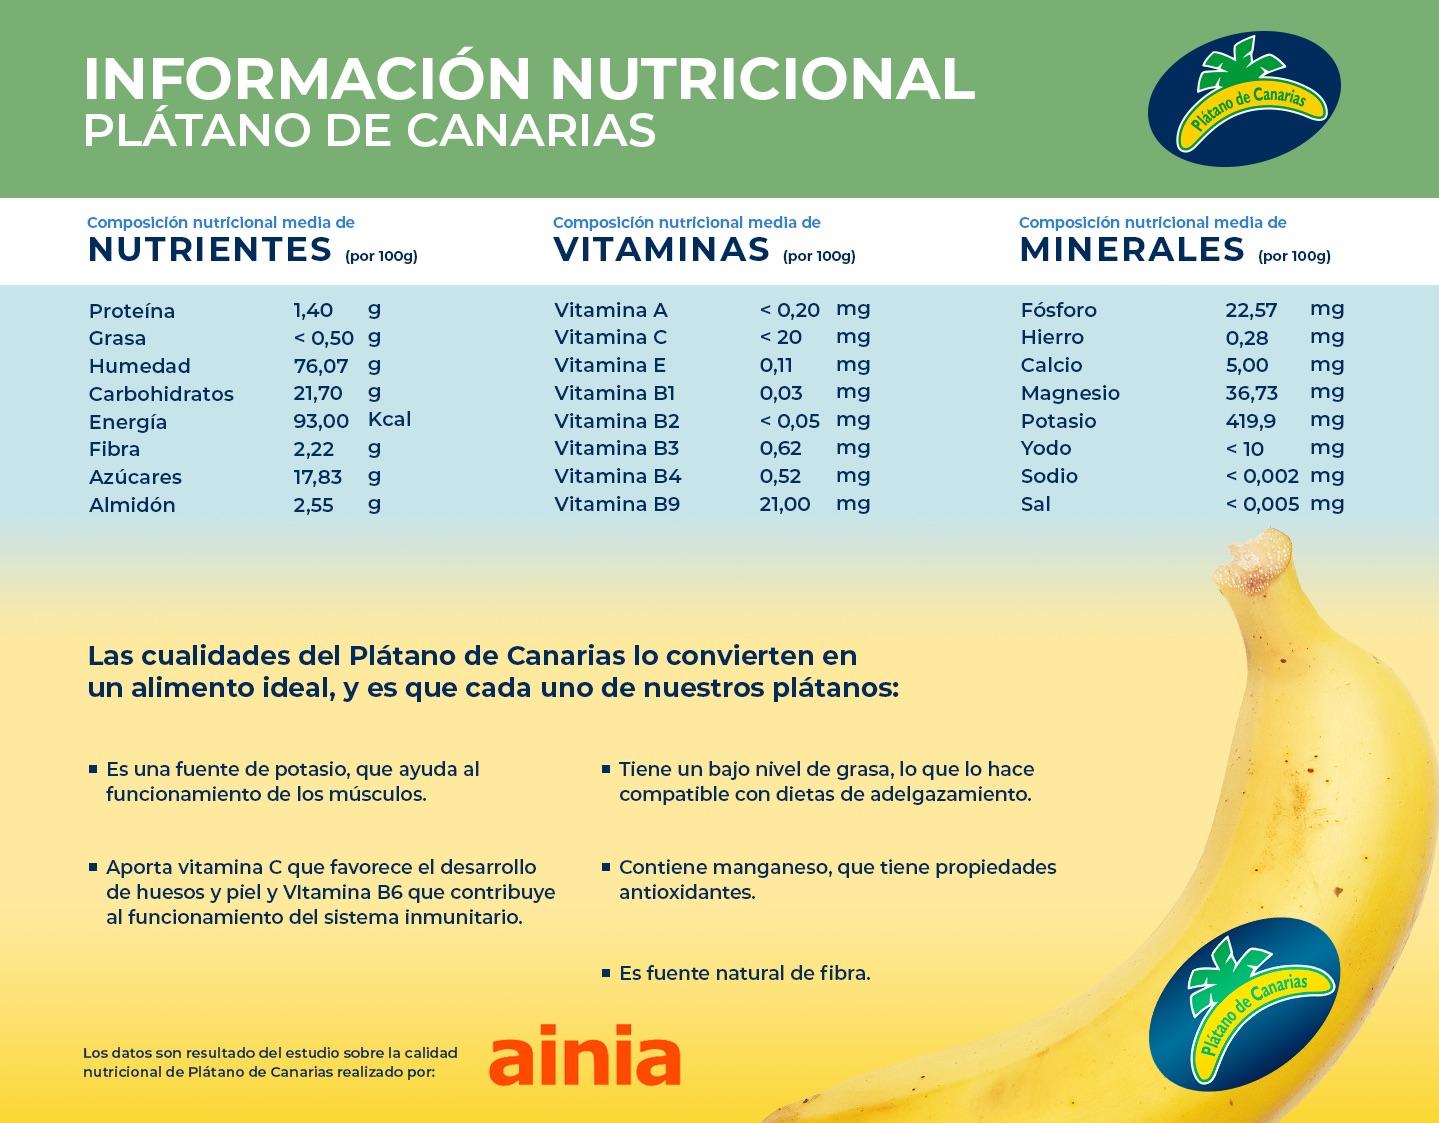 Información nutricional - Plátano de Canarias